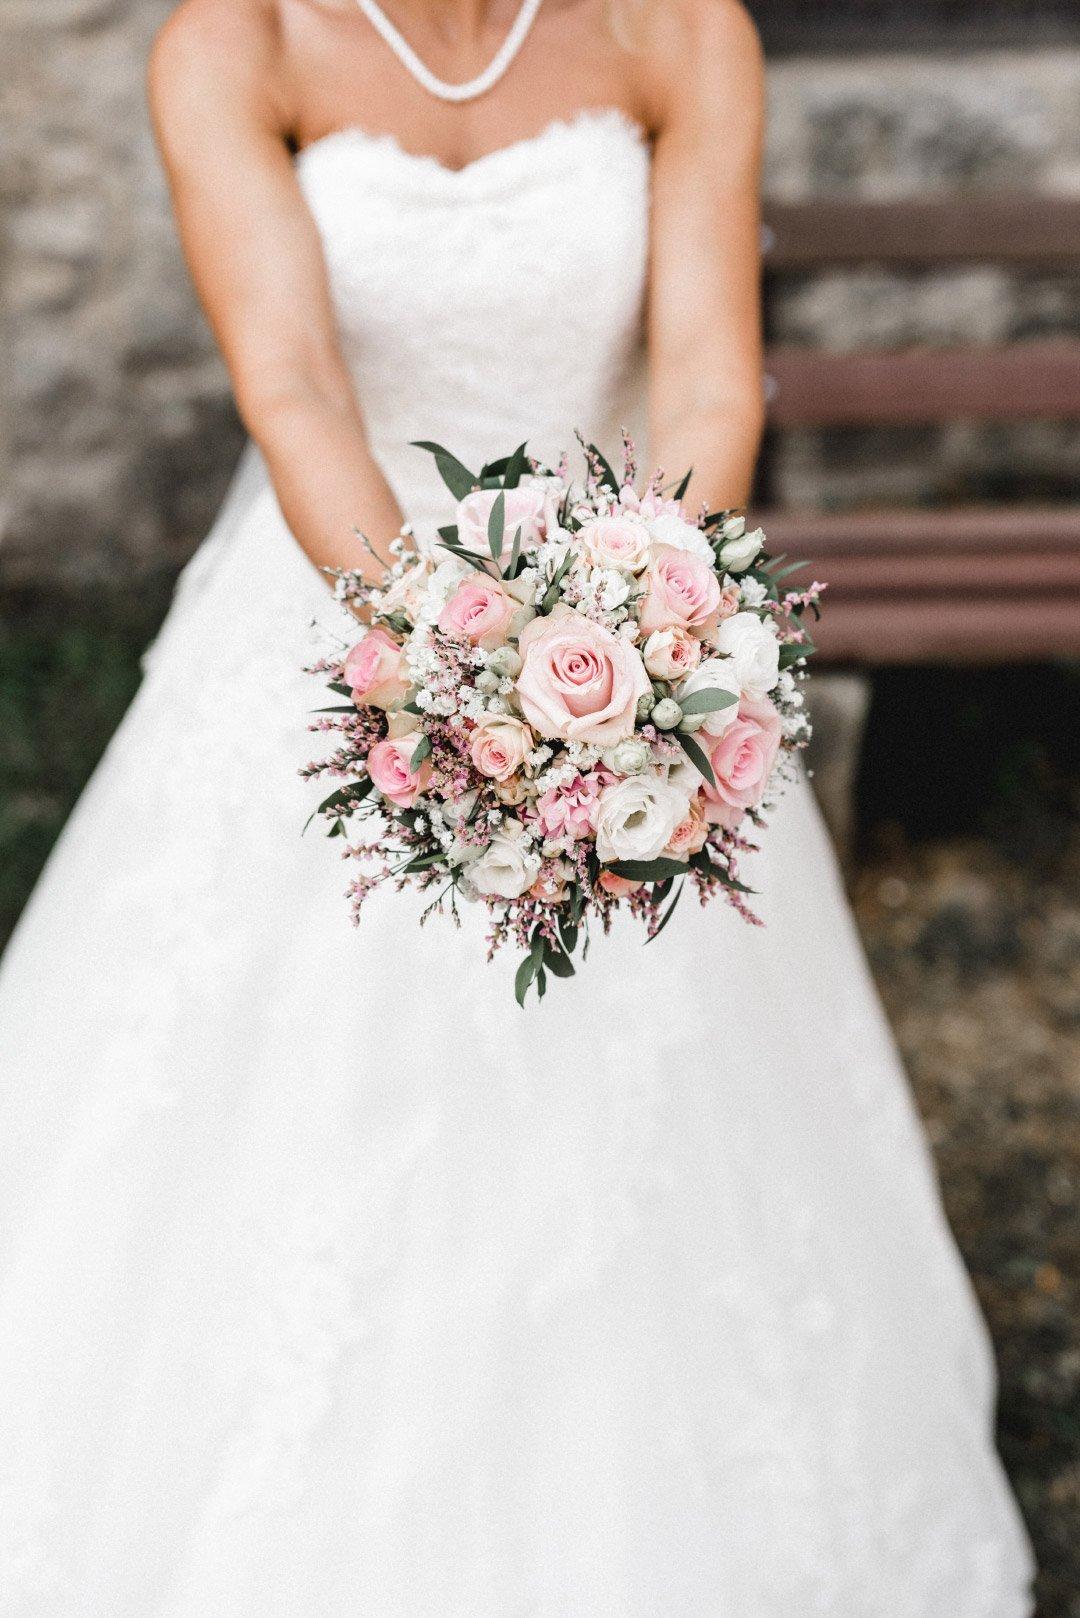 Brautstrauß mit rosa farbenen Rosen